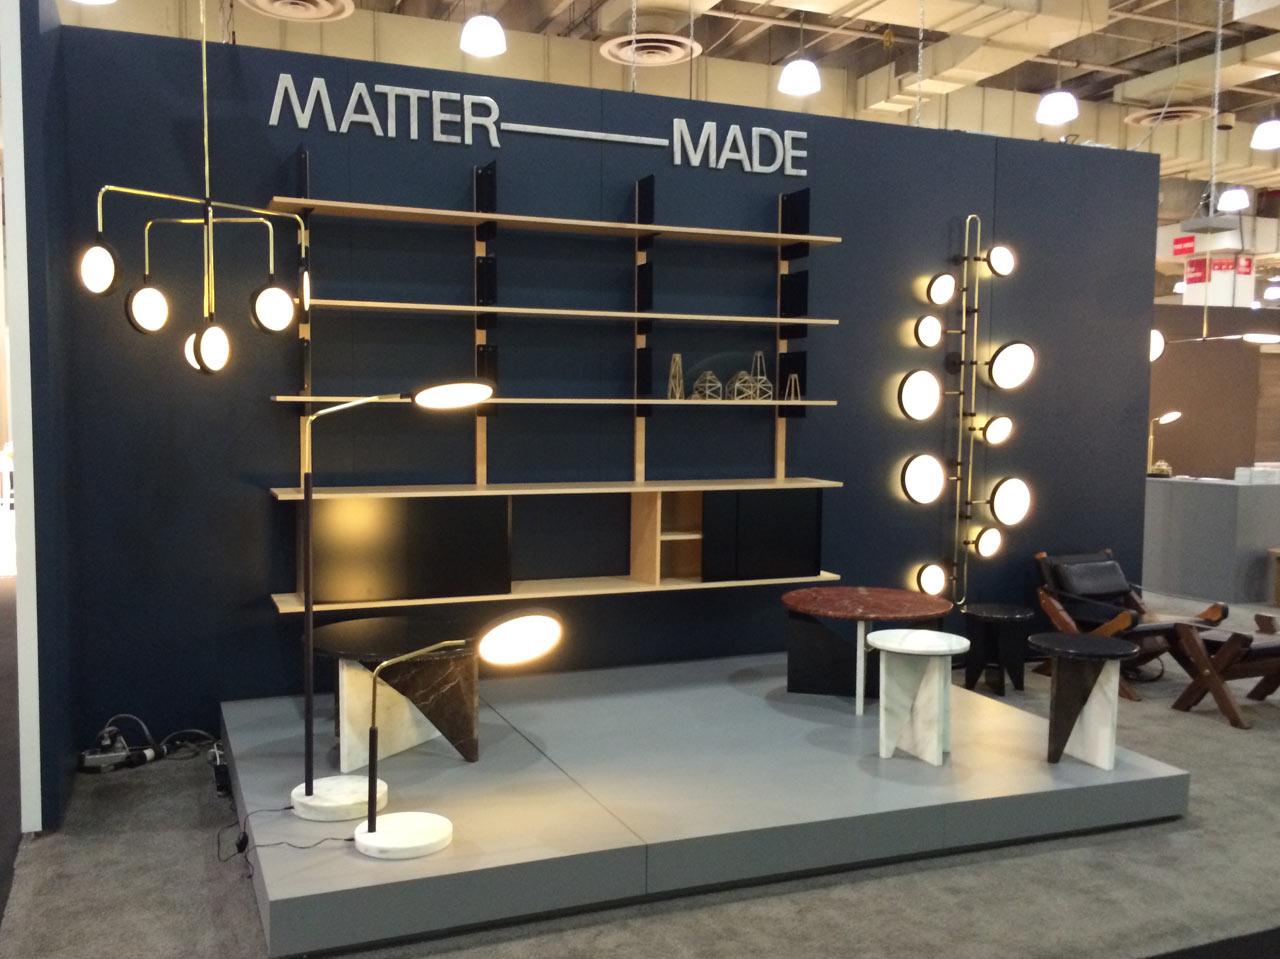 ICFF3-8-matter-made